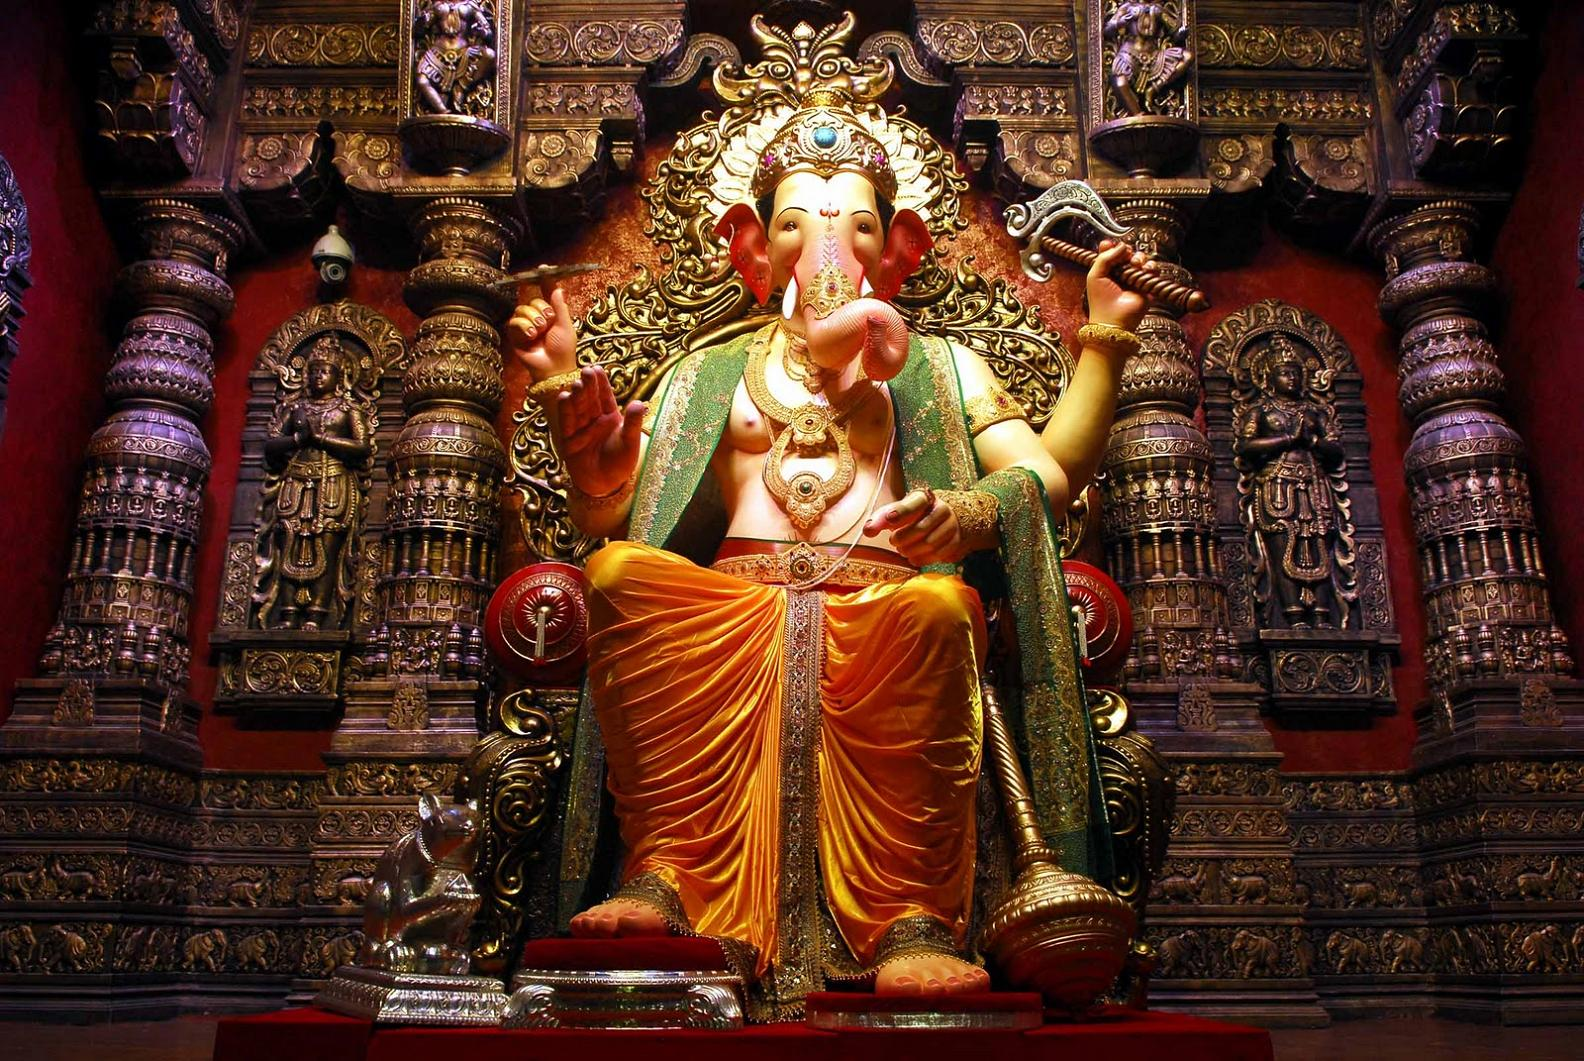 1584x1061 RT Ganapati Bappa Morya - Hình nền - Tài nguyên - Cộng đồng Mi